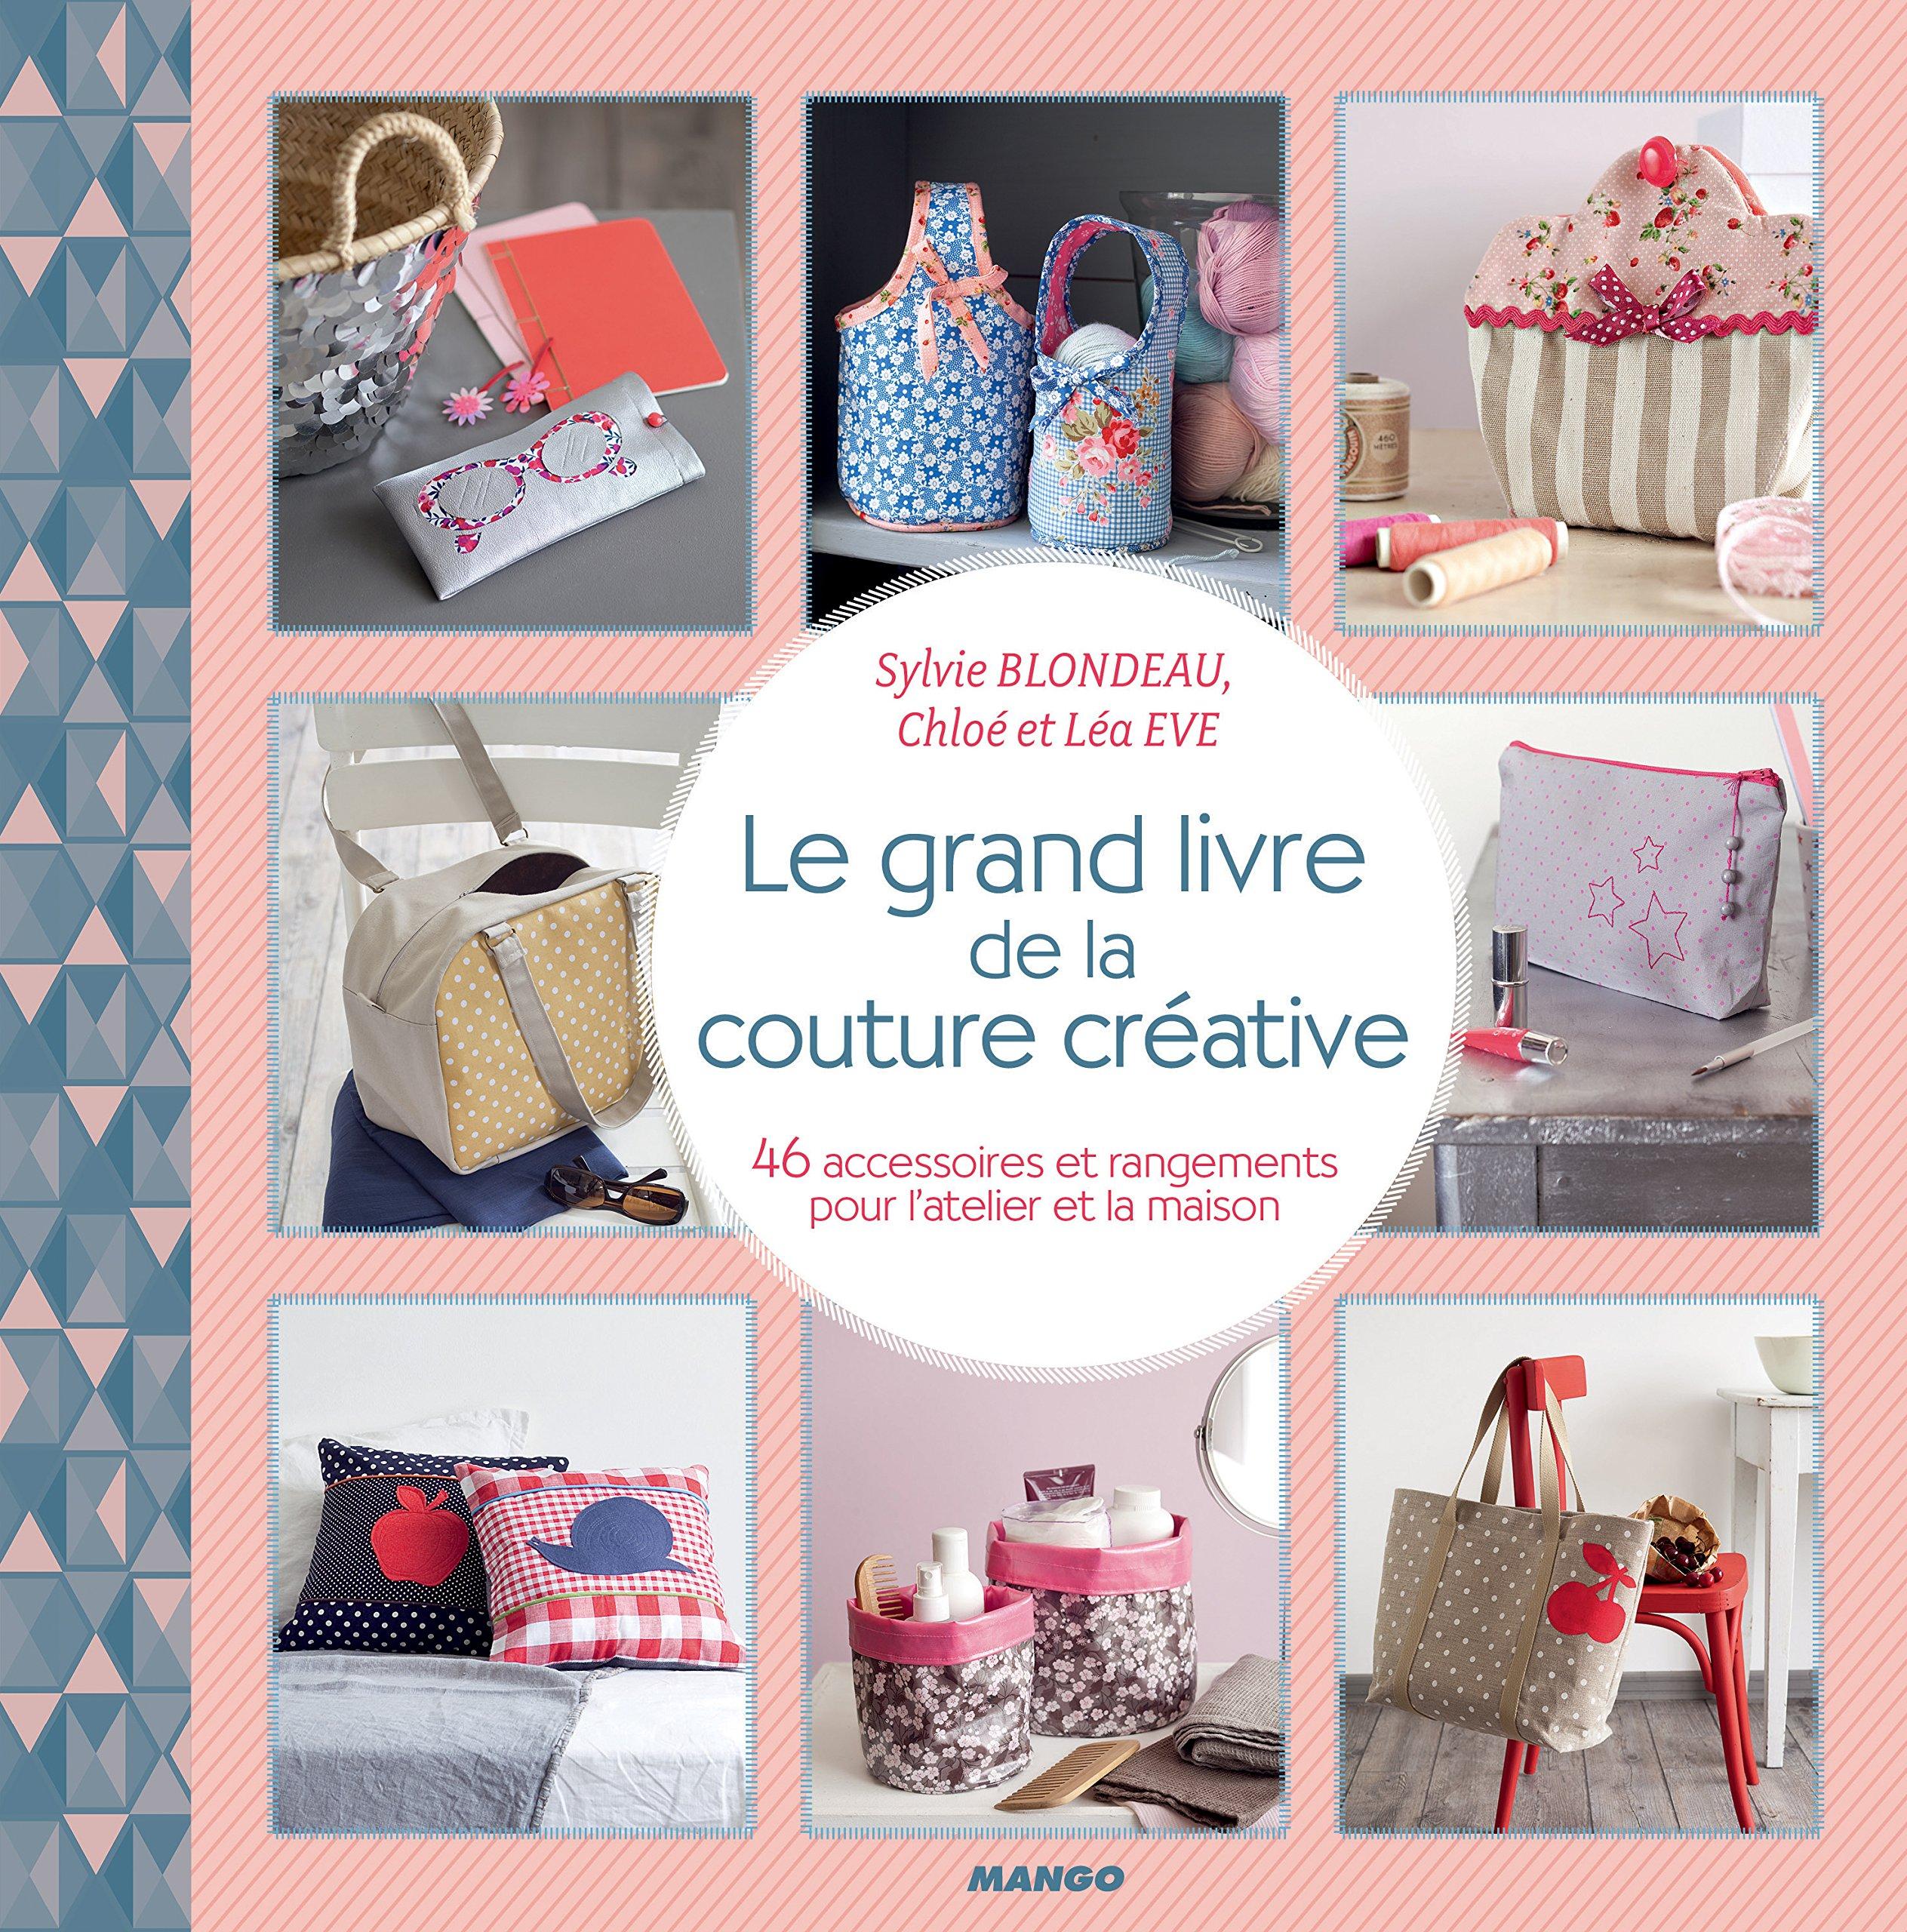 Amazon.fr - Le grand livre de couture créative - Sylvie Blondeau - Livres